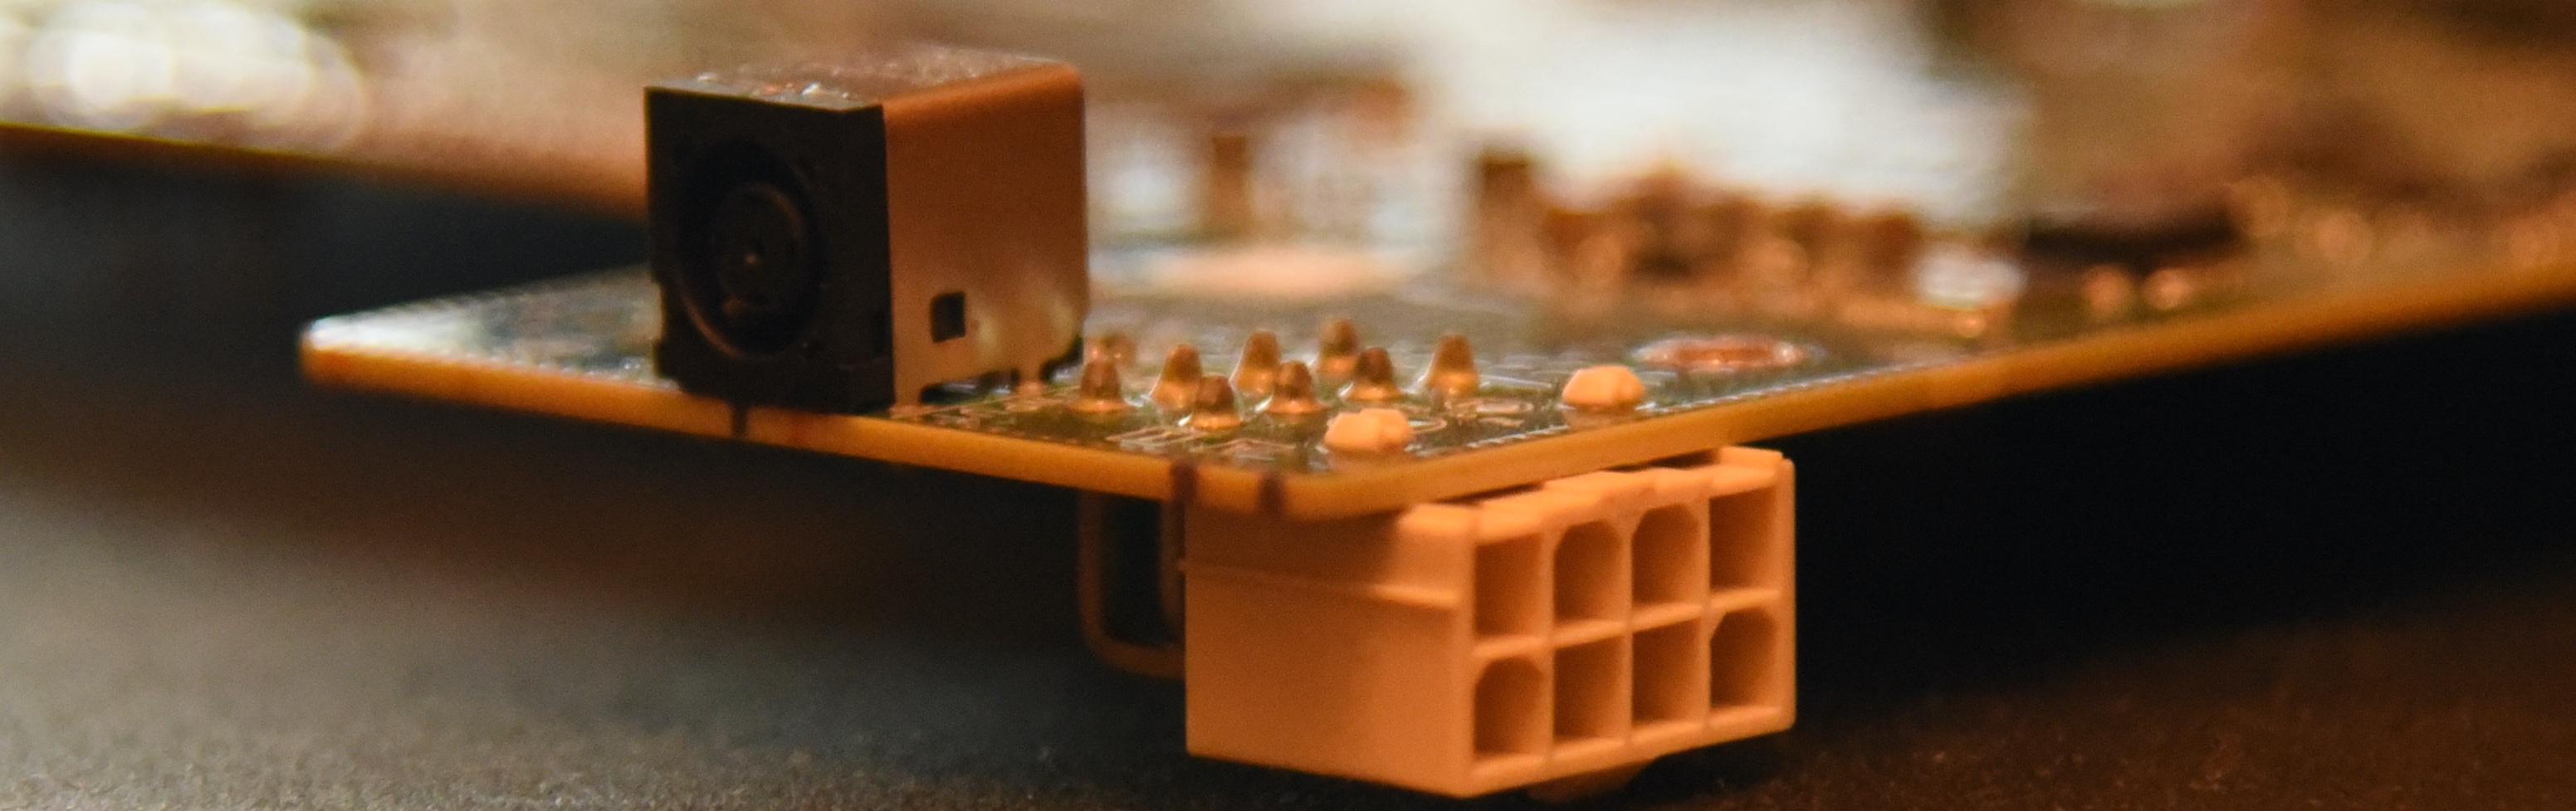 Вроде как чудо-инженеры. 8-pin закрыт корпусом и доступен только после разборки.